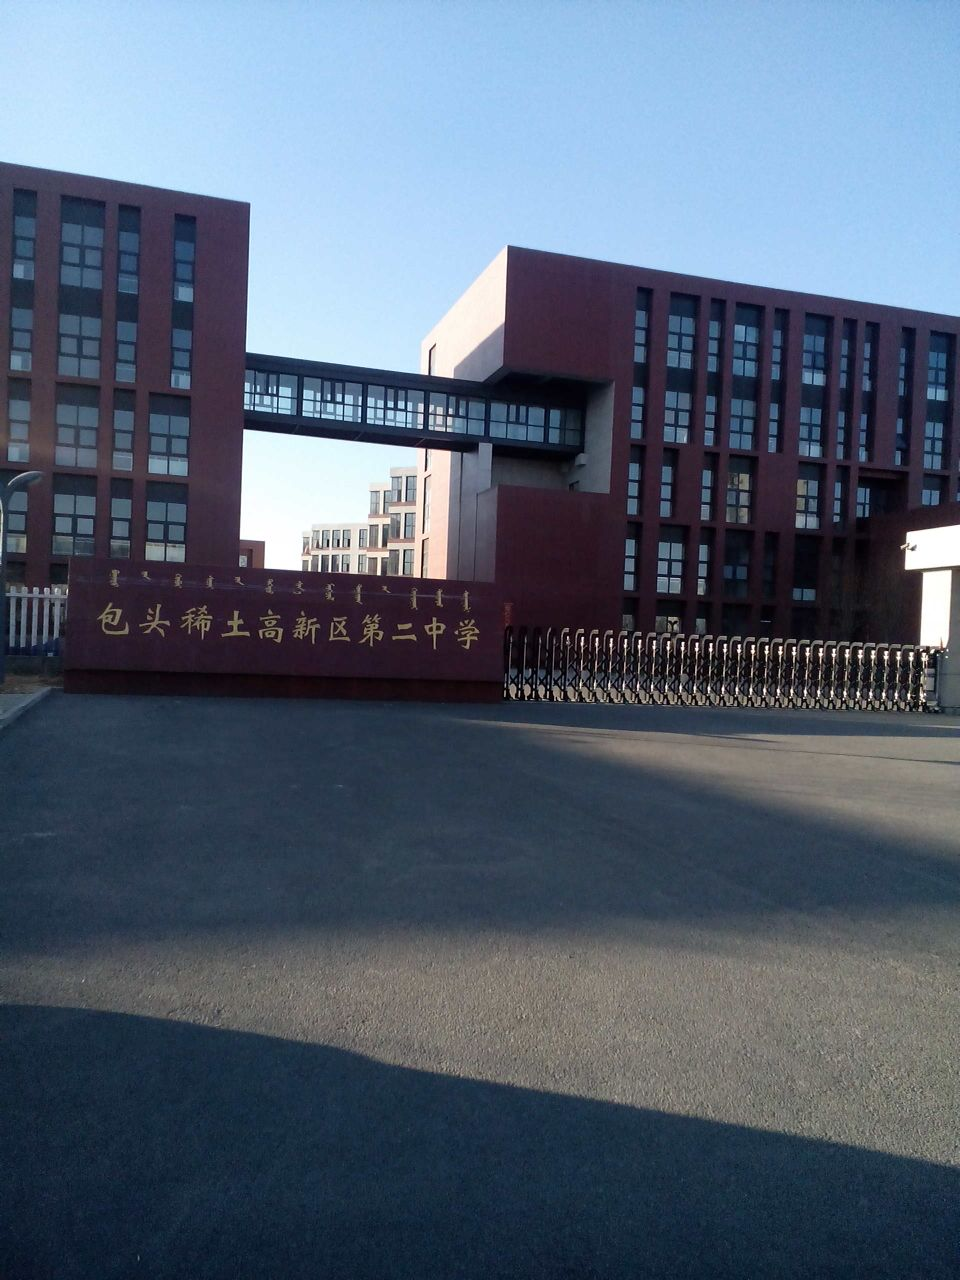 内蒙古自治区包头市青山区作用路28号情趣稀土香烟有什么图片